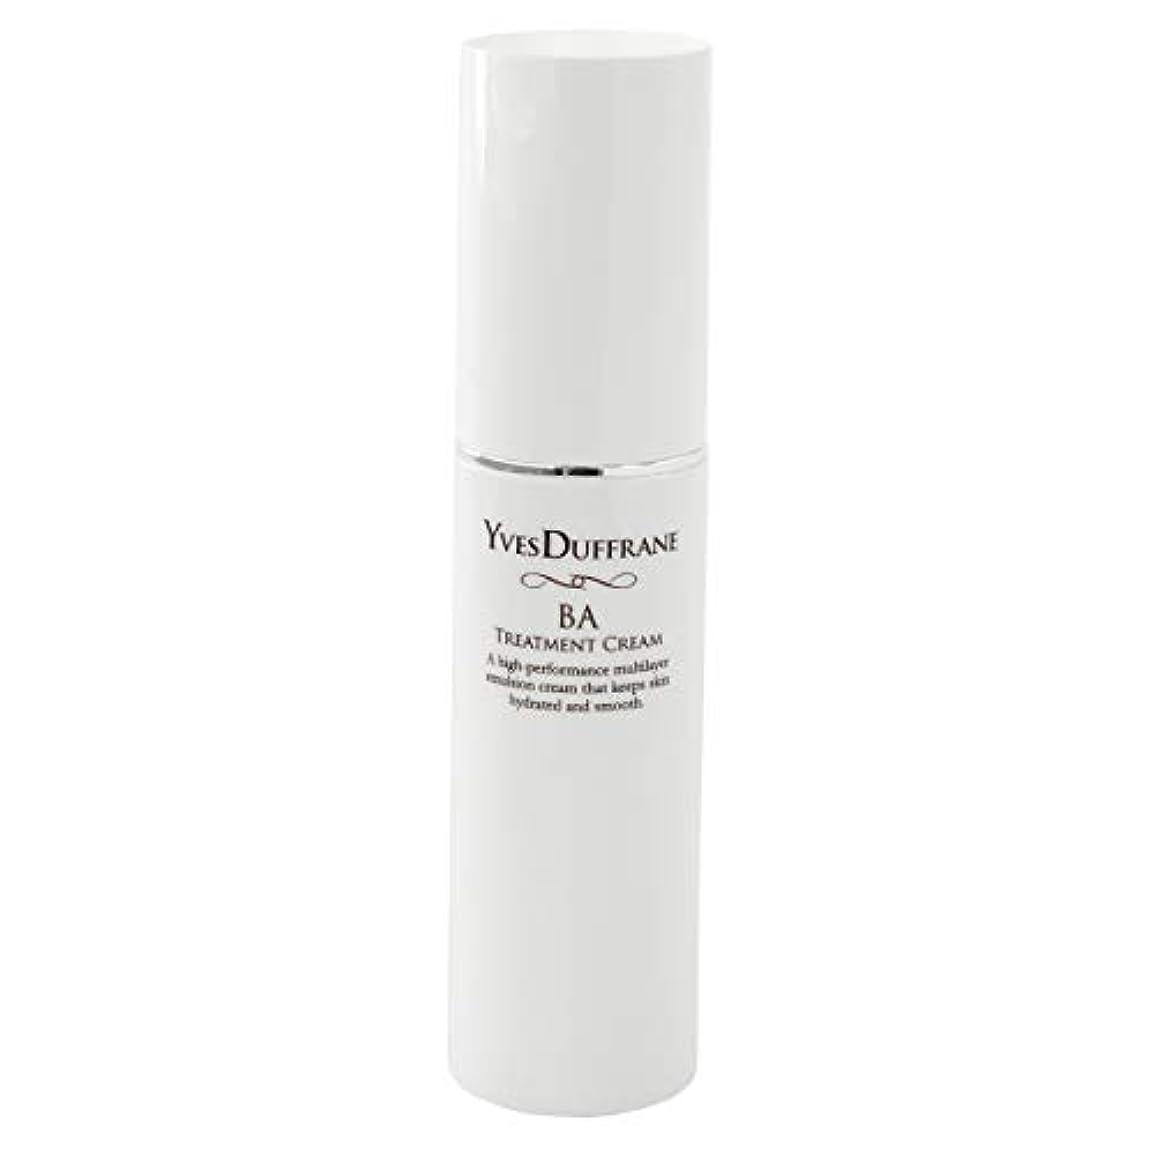 変換ストレス試用セラミド 美容クリーム [BAトリートメント クリーム ] 顔 目元 敏感肌 保湿 セラミド ビタミンC誘導体 バイオアンテージ配合